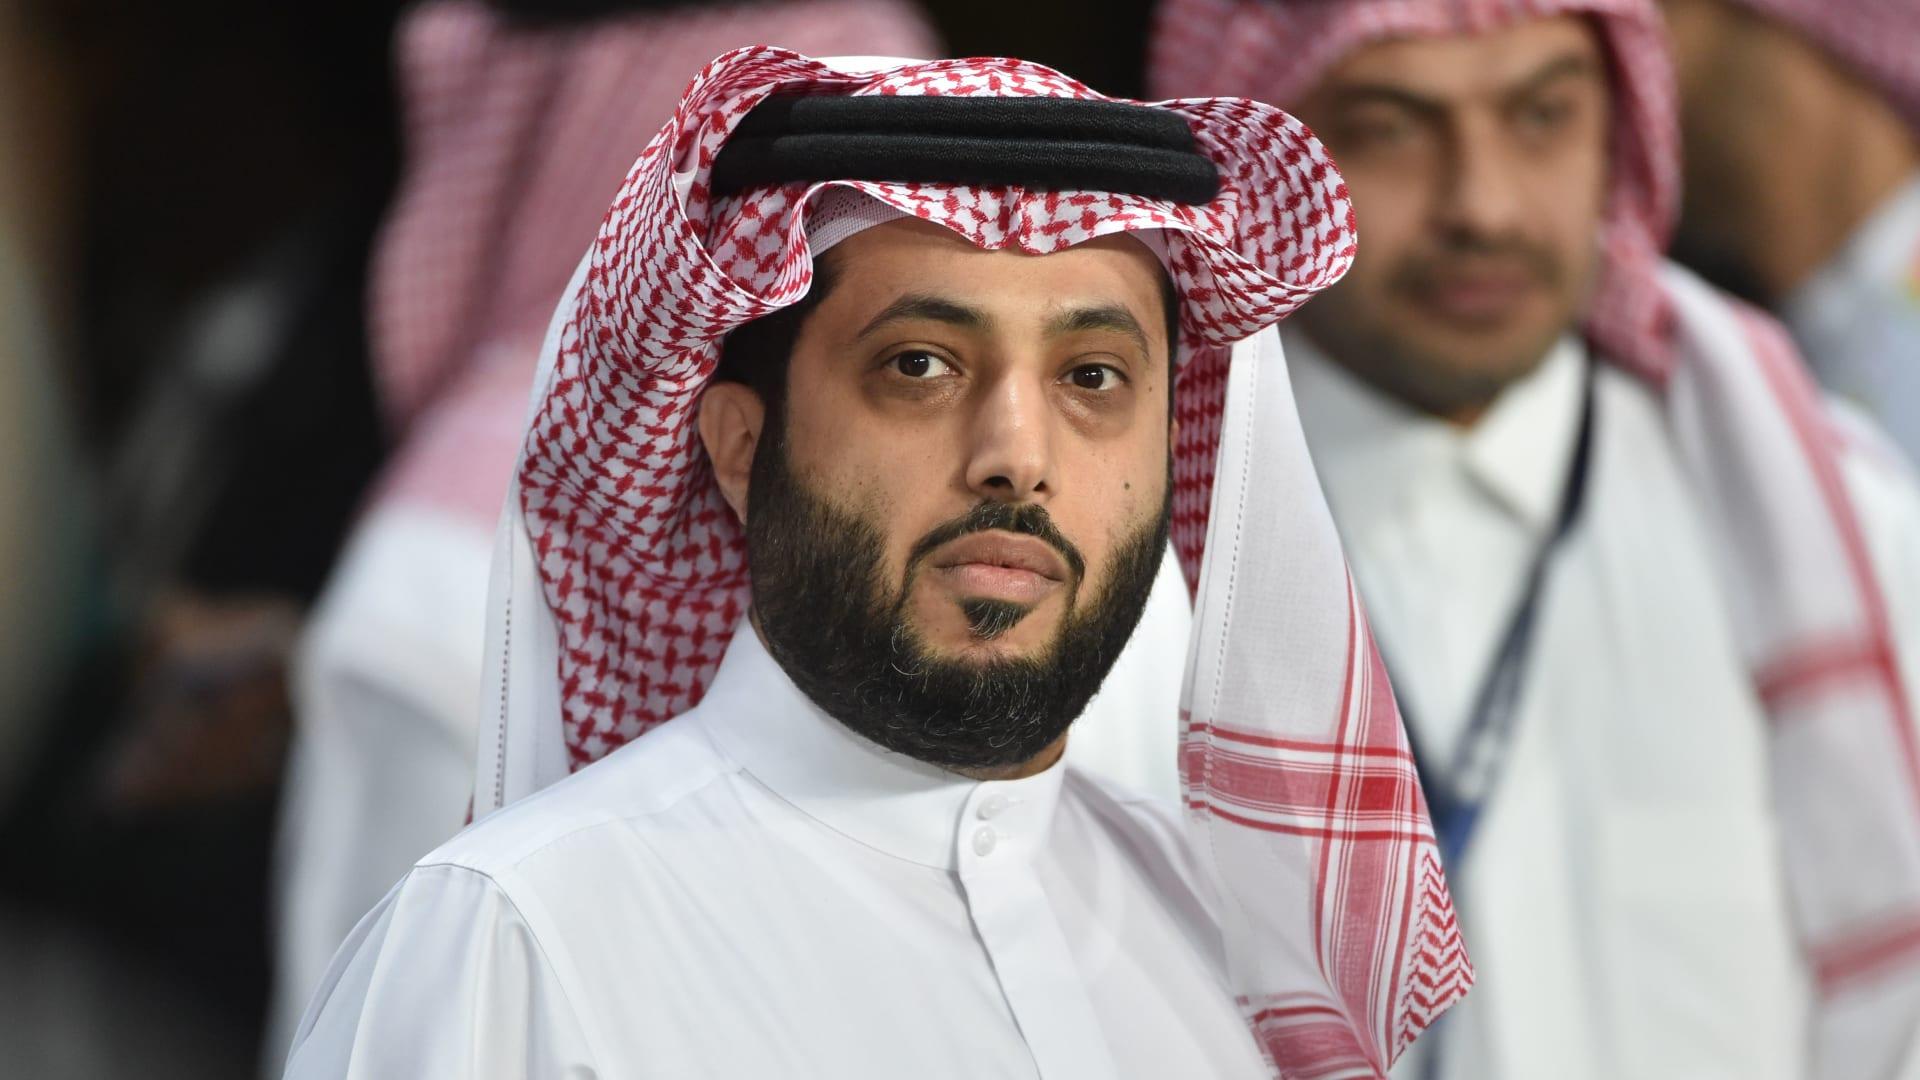 آل الشيخ يكشف عن اتفاق قديم مع مدرب برشلونة لتدريب ناد مصري